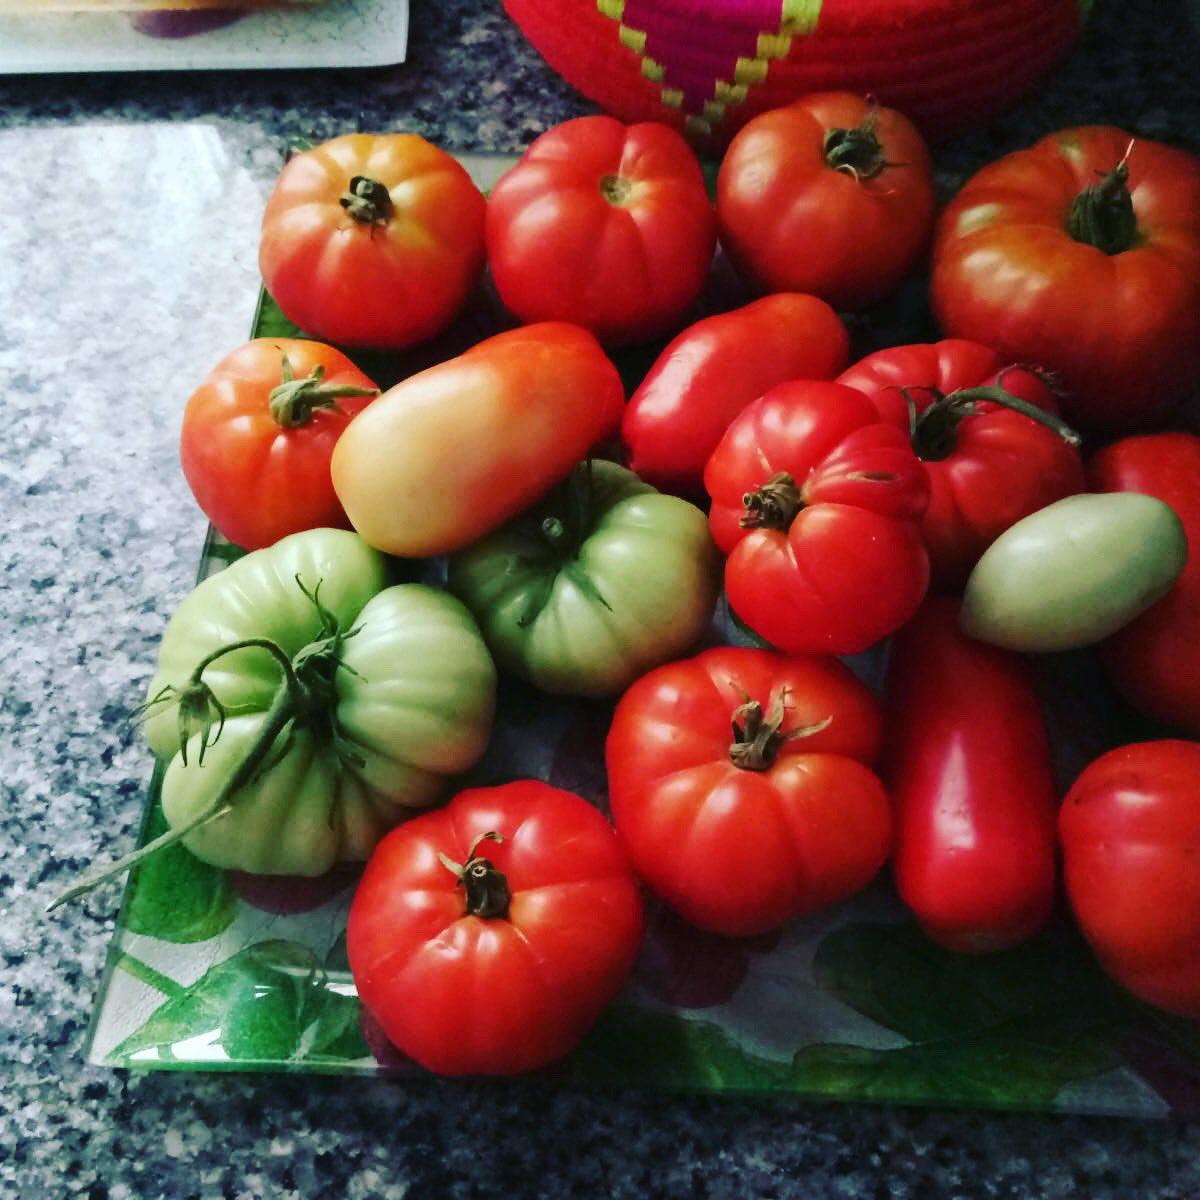 Los primeros tomates del huerto!! ❤️✨💃#delicious #tomate #realfood #verduradetemporada #verdurafresca #licopeno #comomevoyaponer